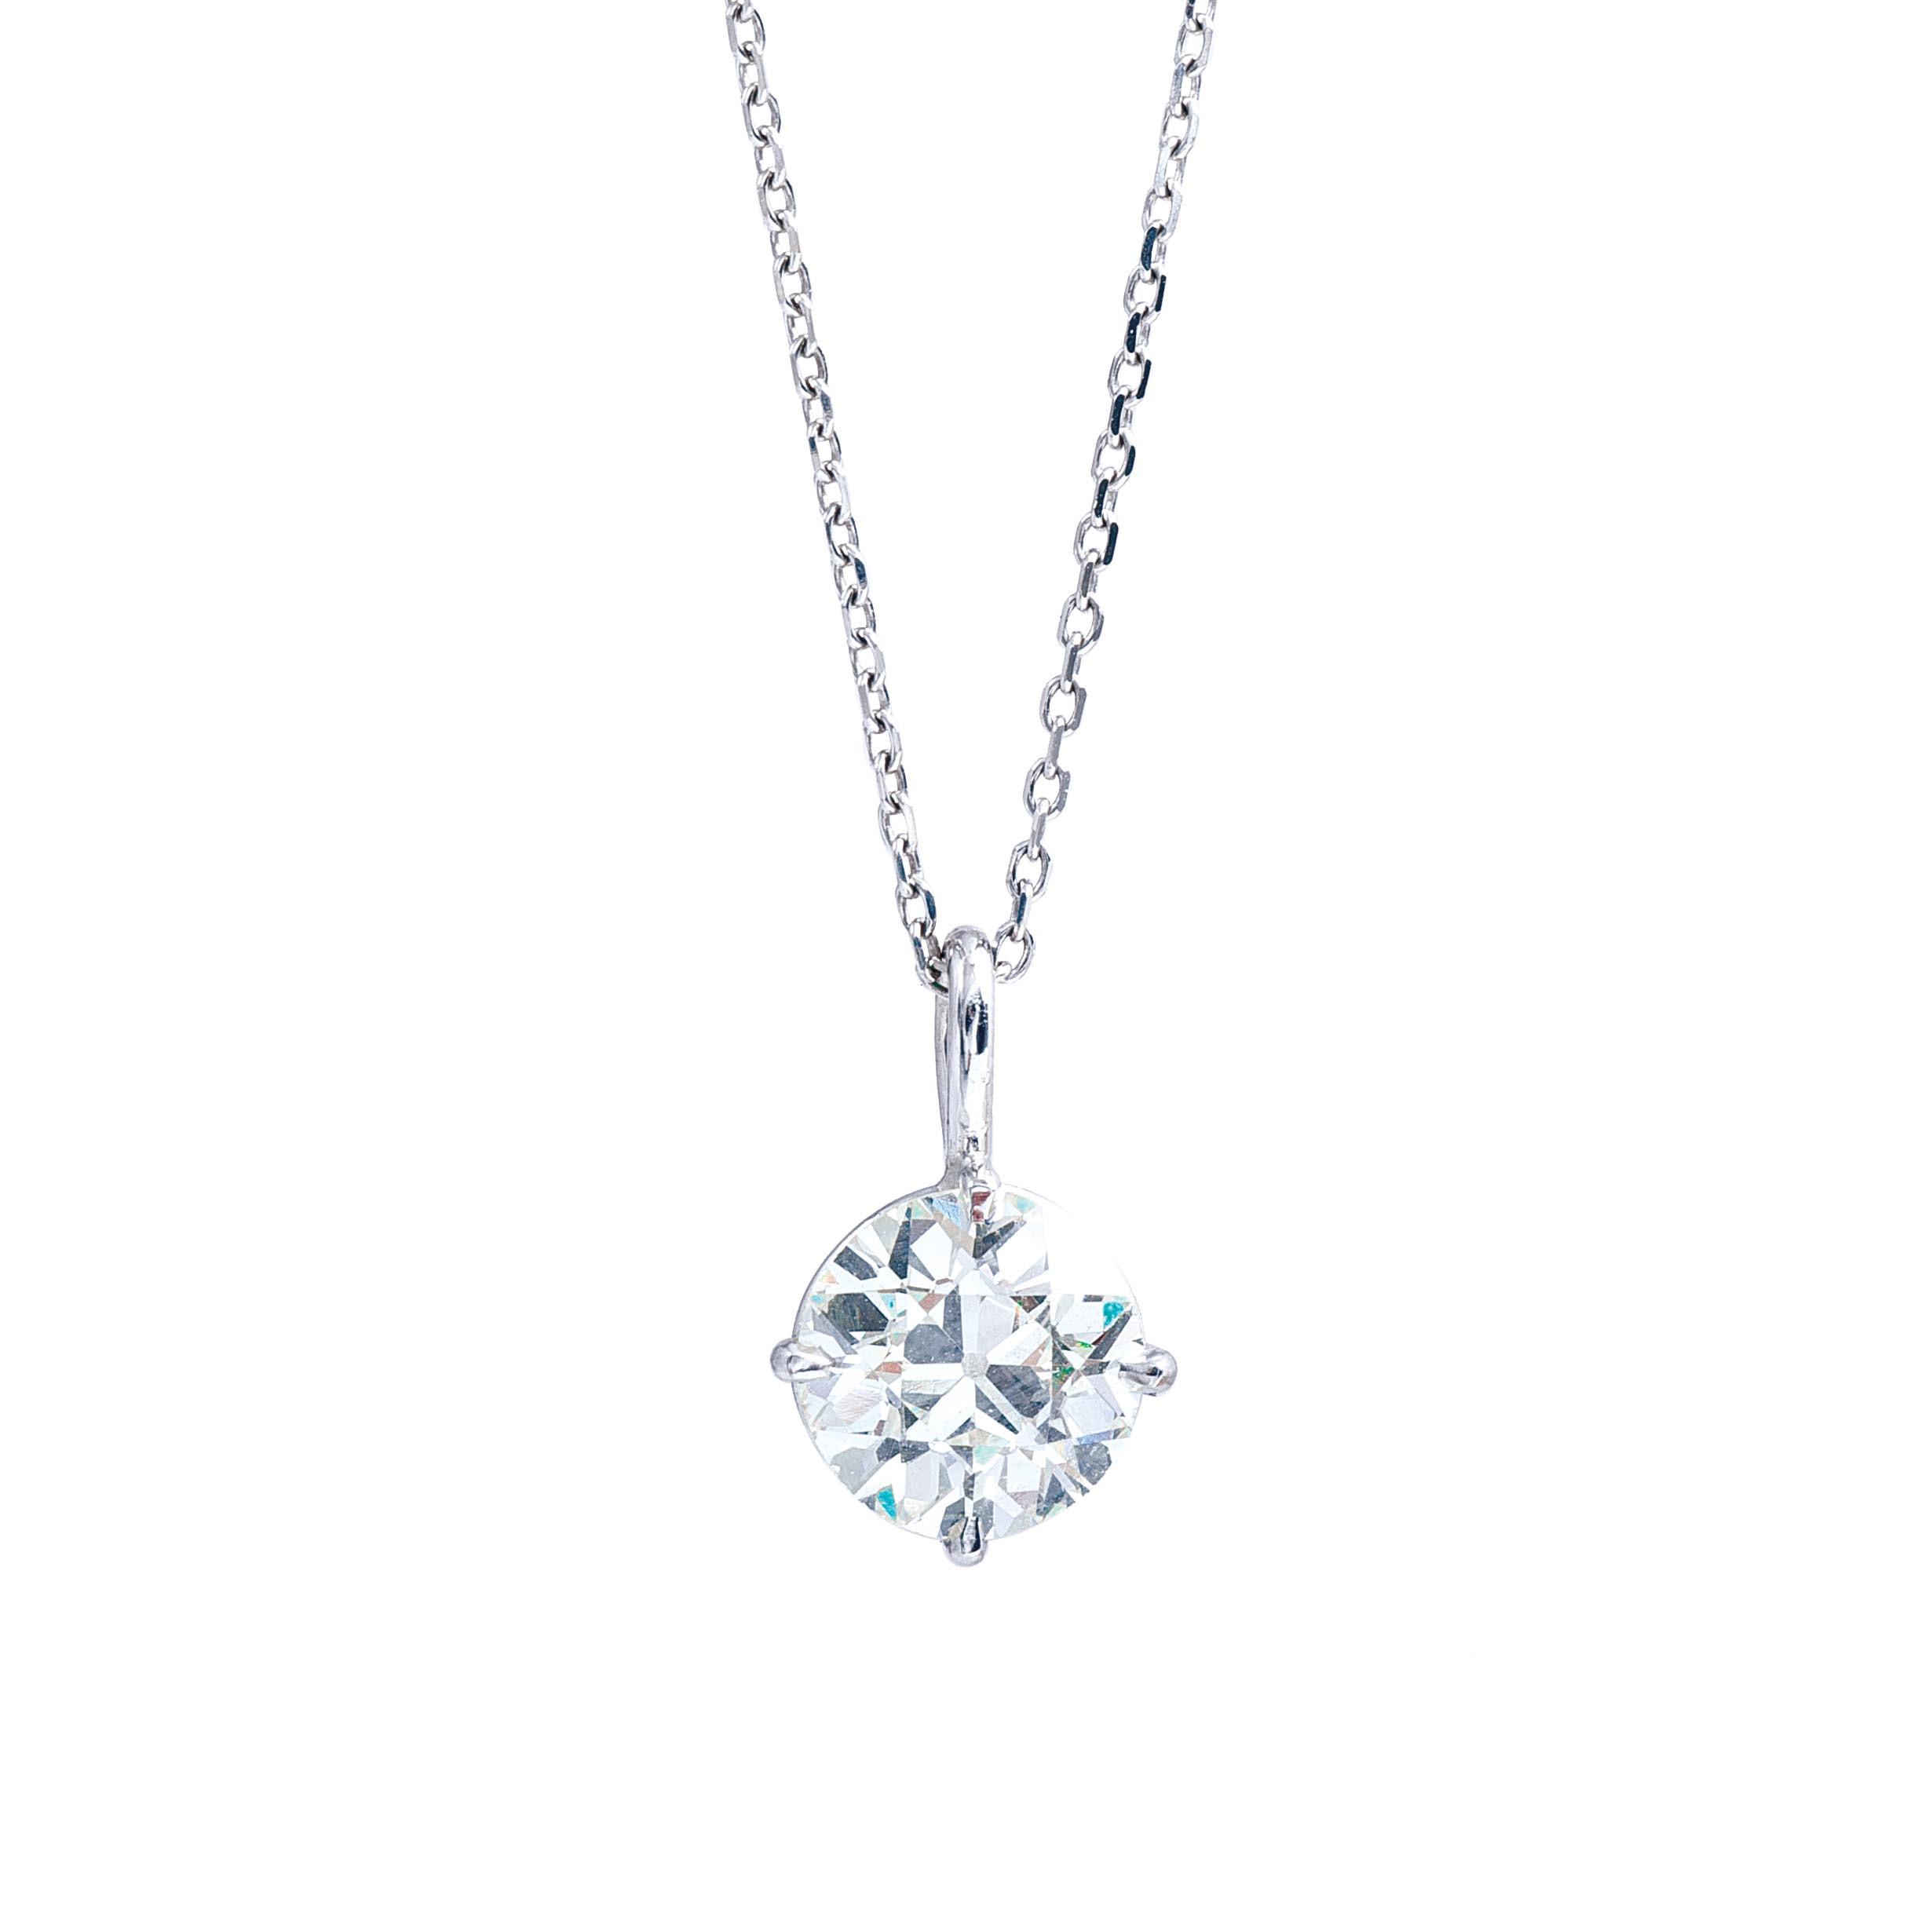 New 1.71 CT Diamond Solitaire Pendant